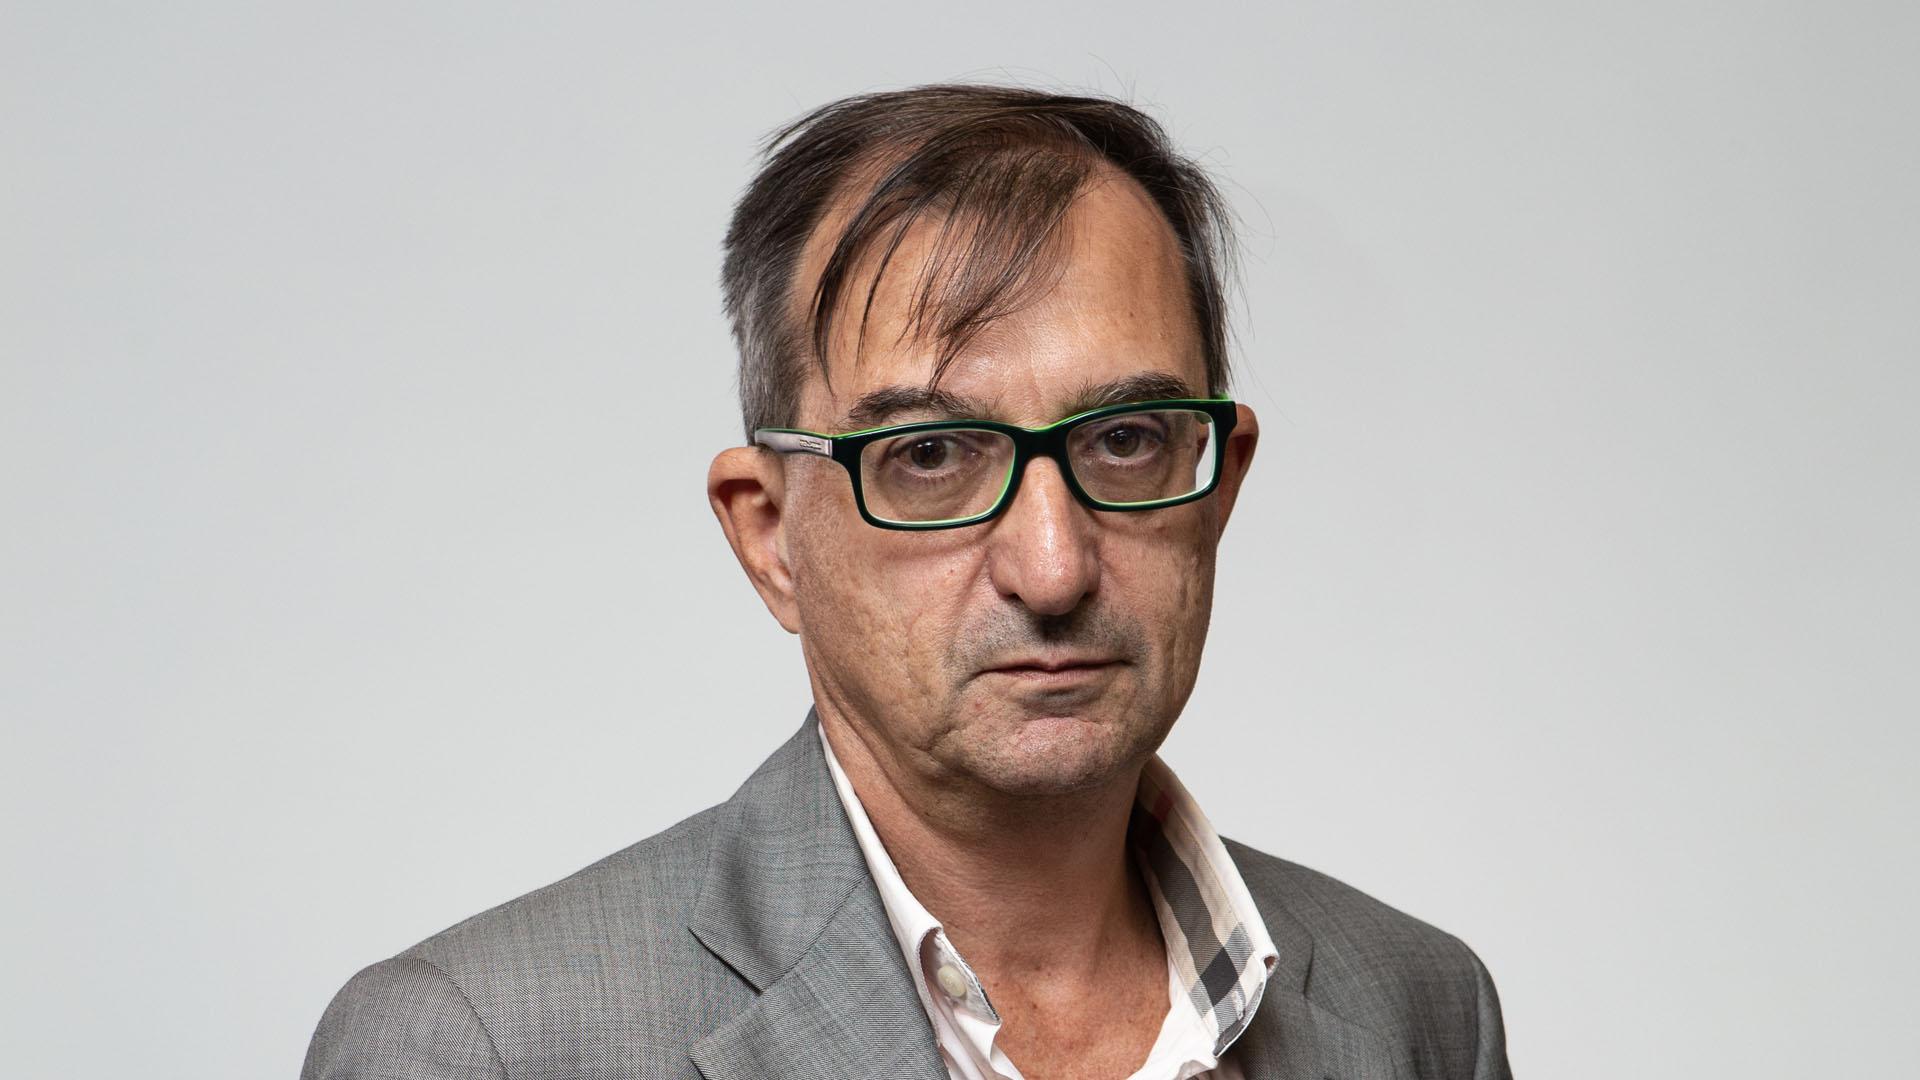 Malvaldi Fabrizio